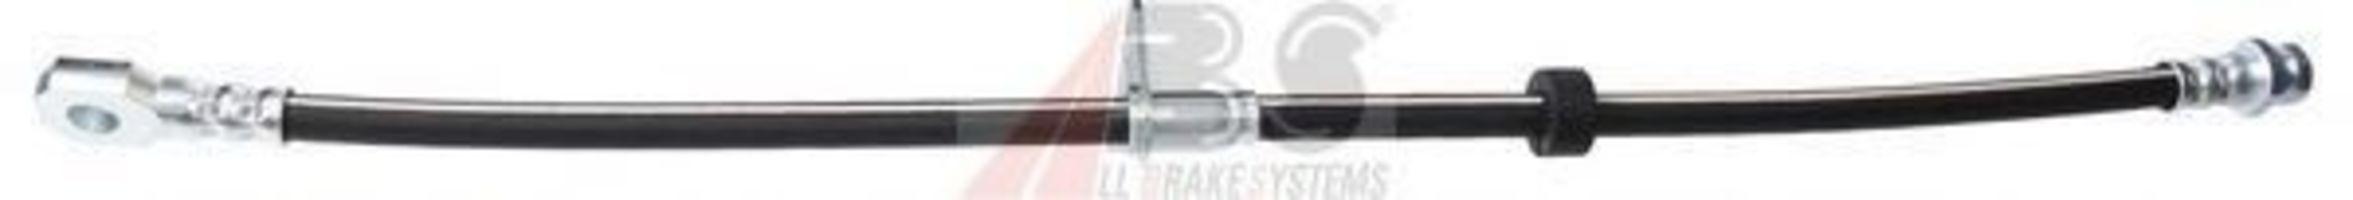 Шланг тормозной A.B.S. SL 6050